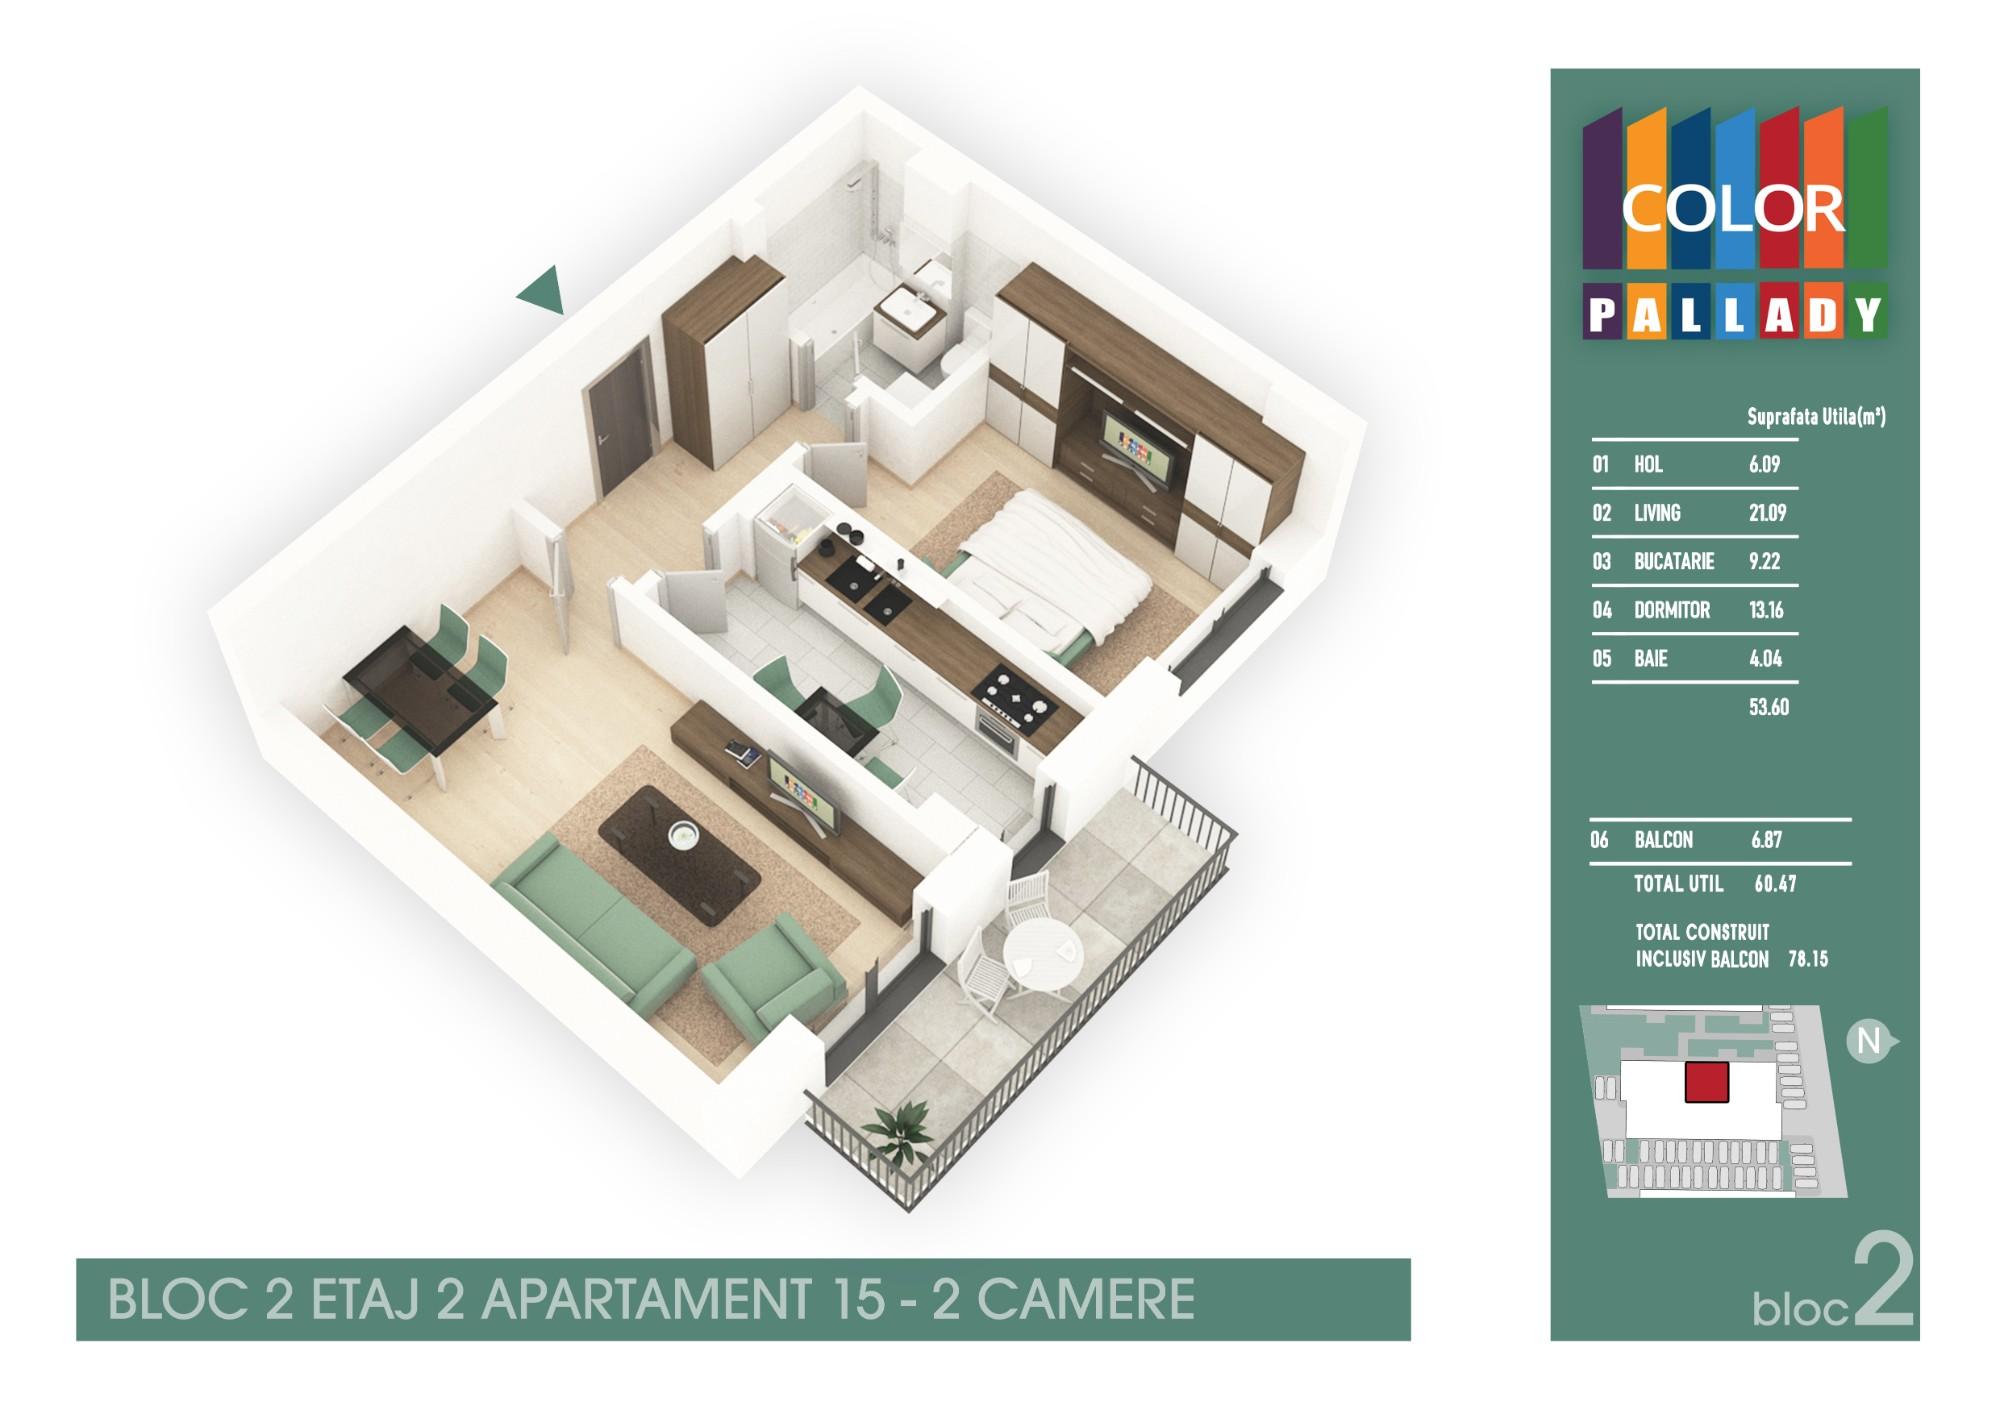 Bloc 2 - Etaj 2 - Apartament 15